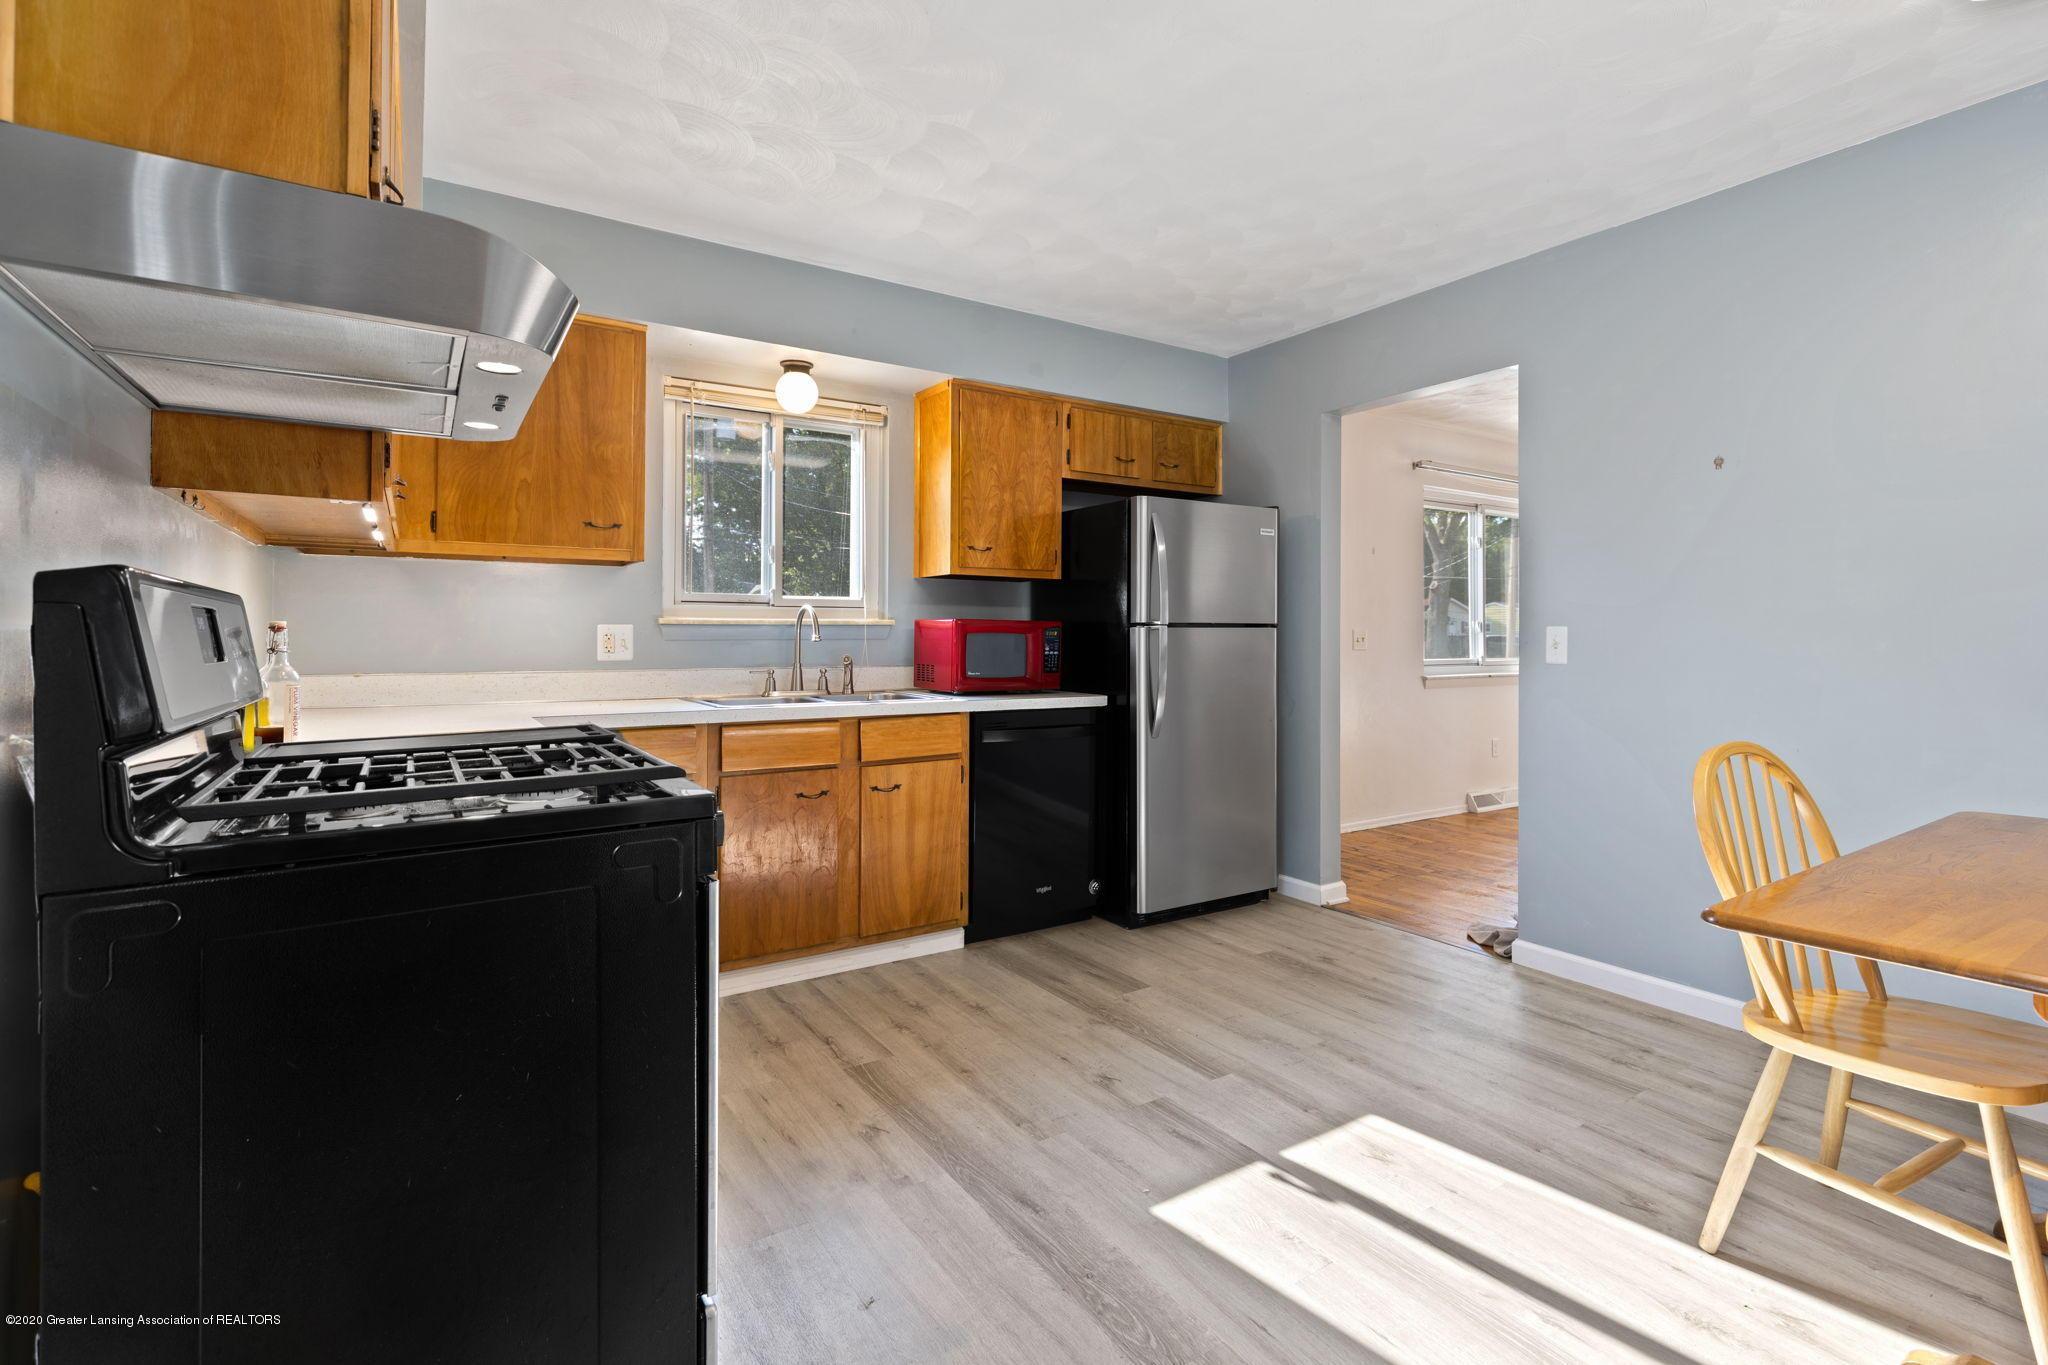 3619 Burchfield Dr - kitchen - 10